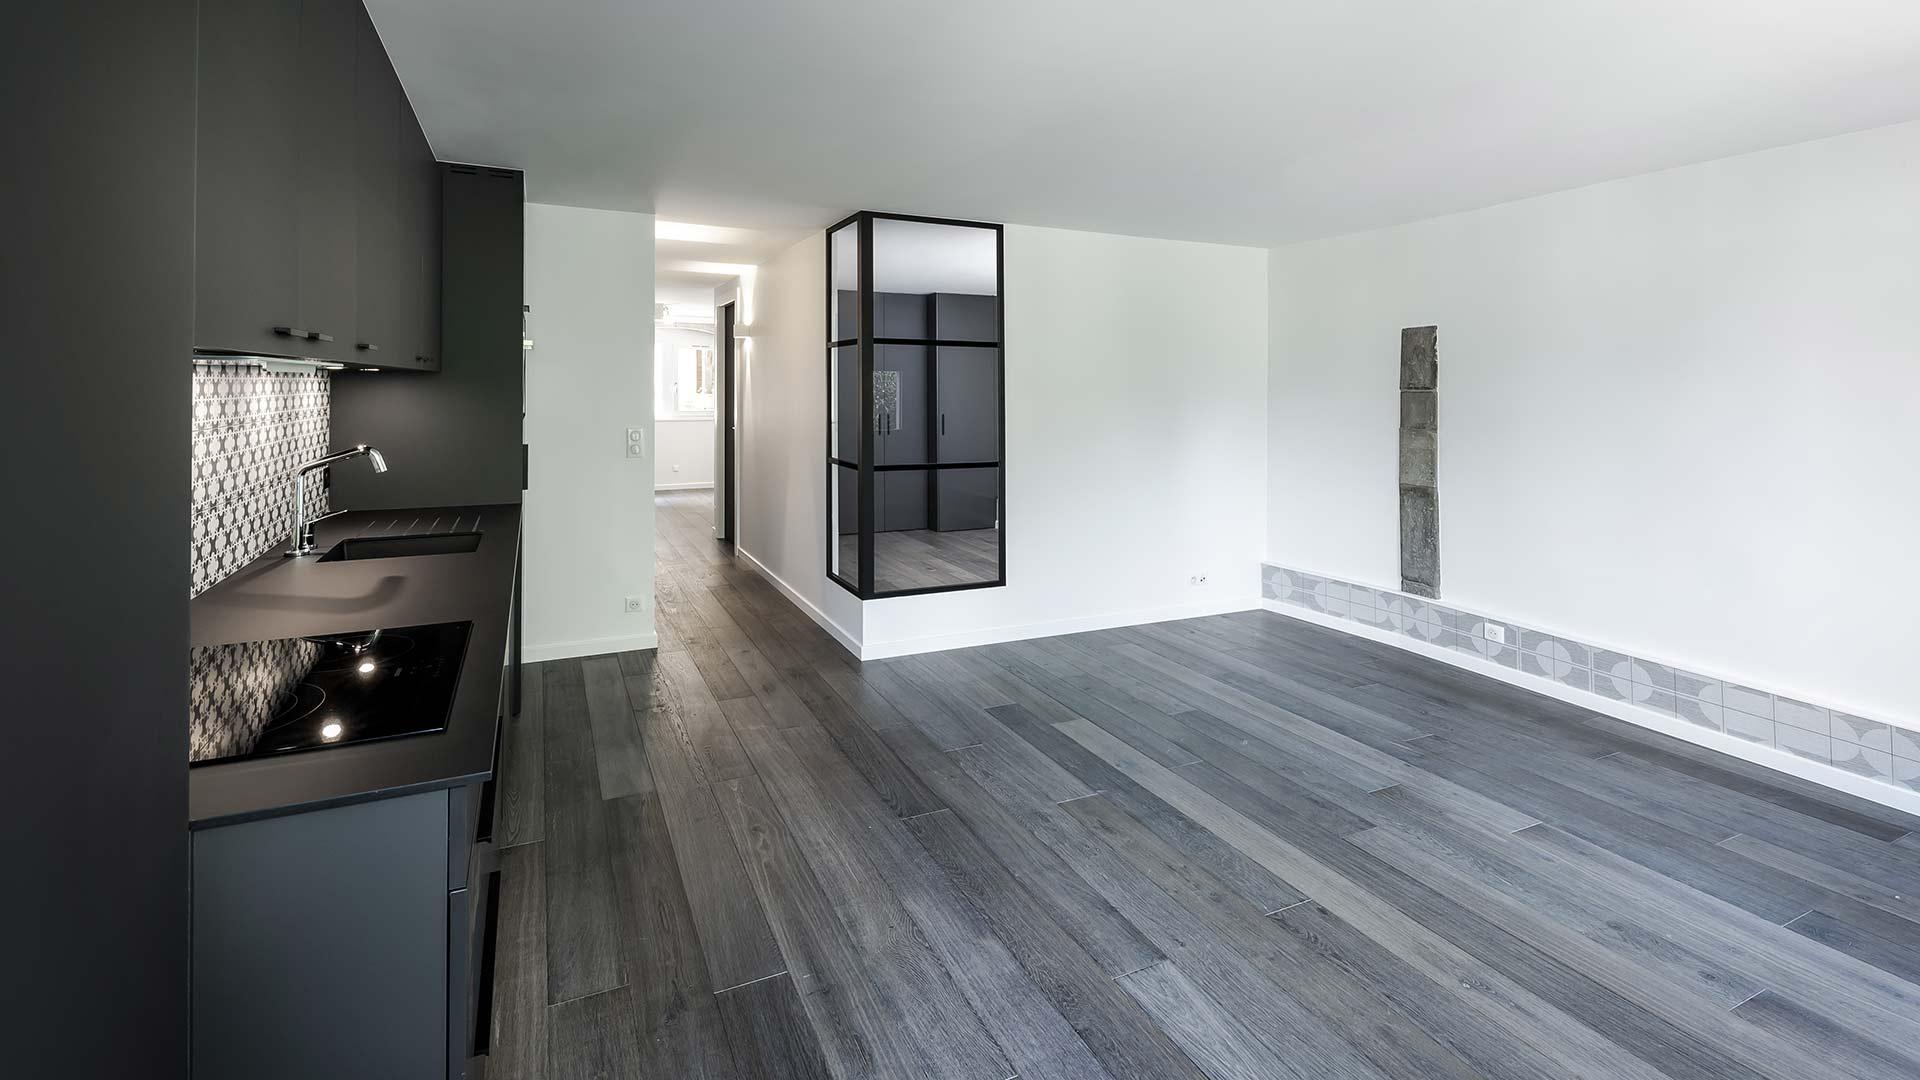 Appartement à rénover : Comment procéder à la rénovation ?